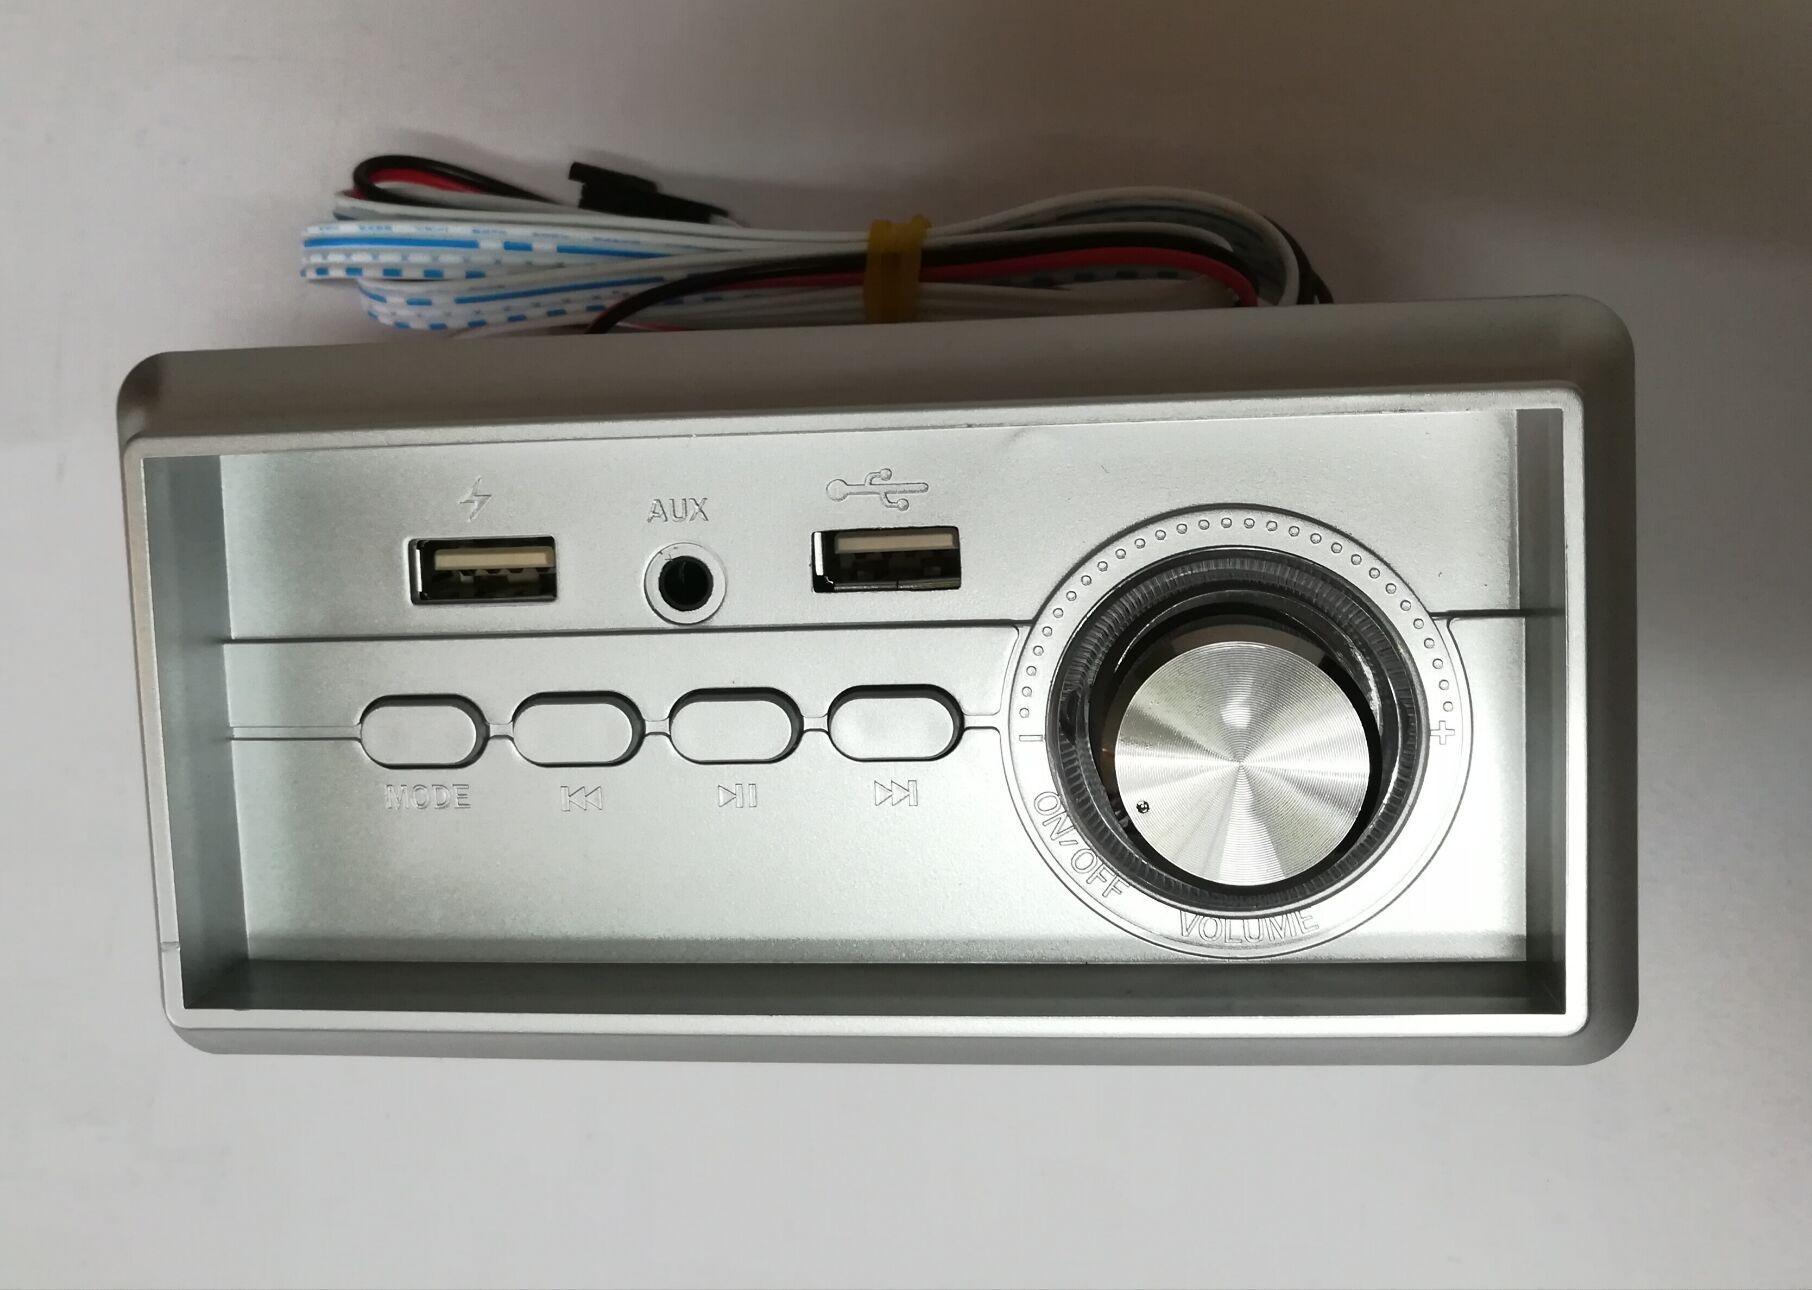 沙发家具蓝牙MP3播放器蓝牙模块 2